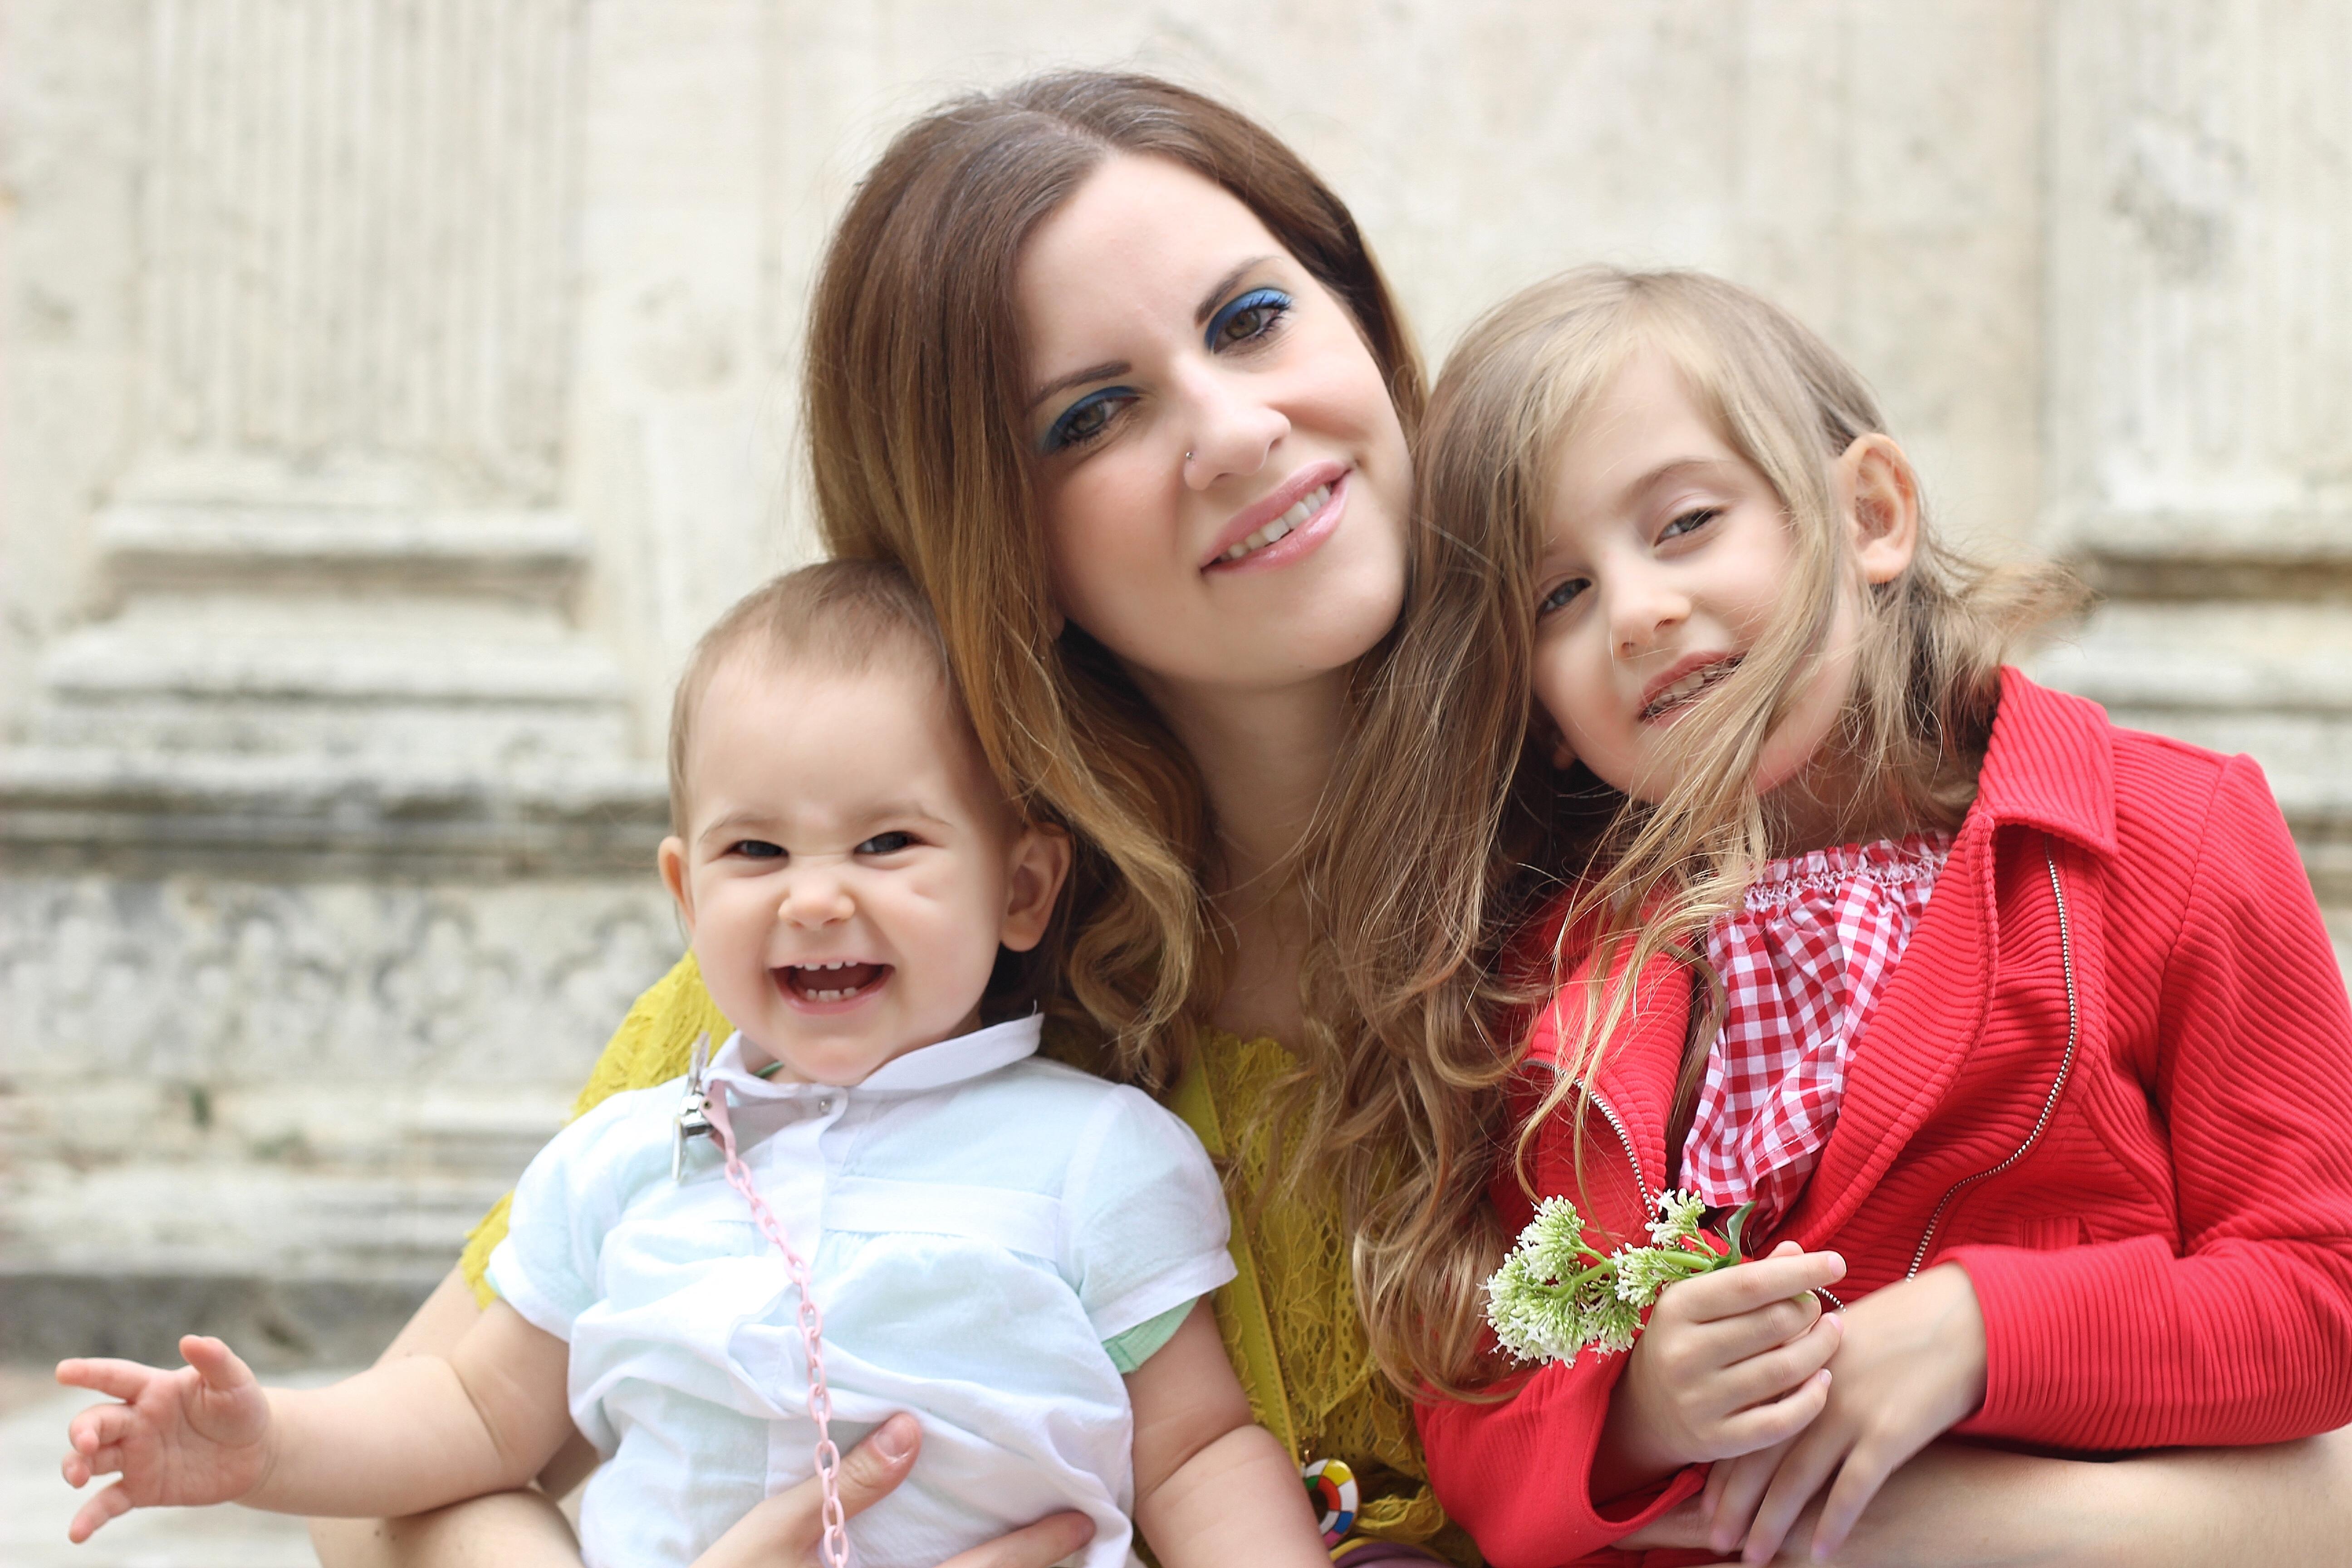 elisabetta bertolini fashion blogger e mamma